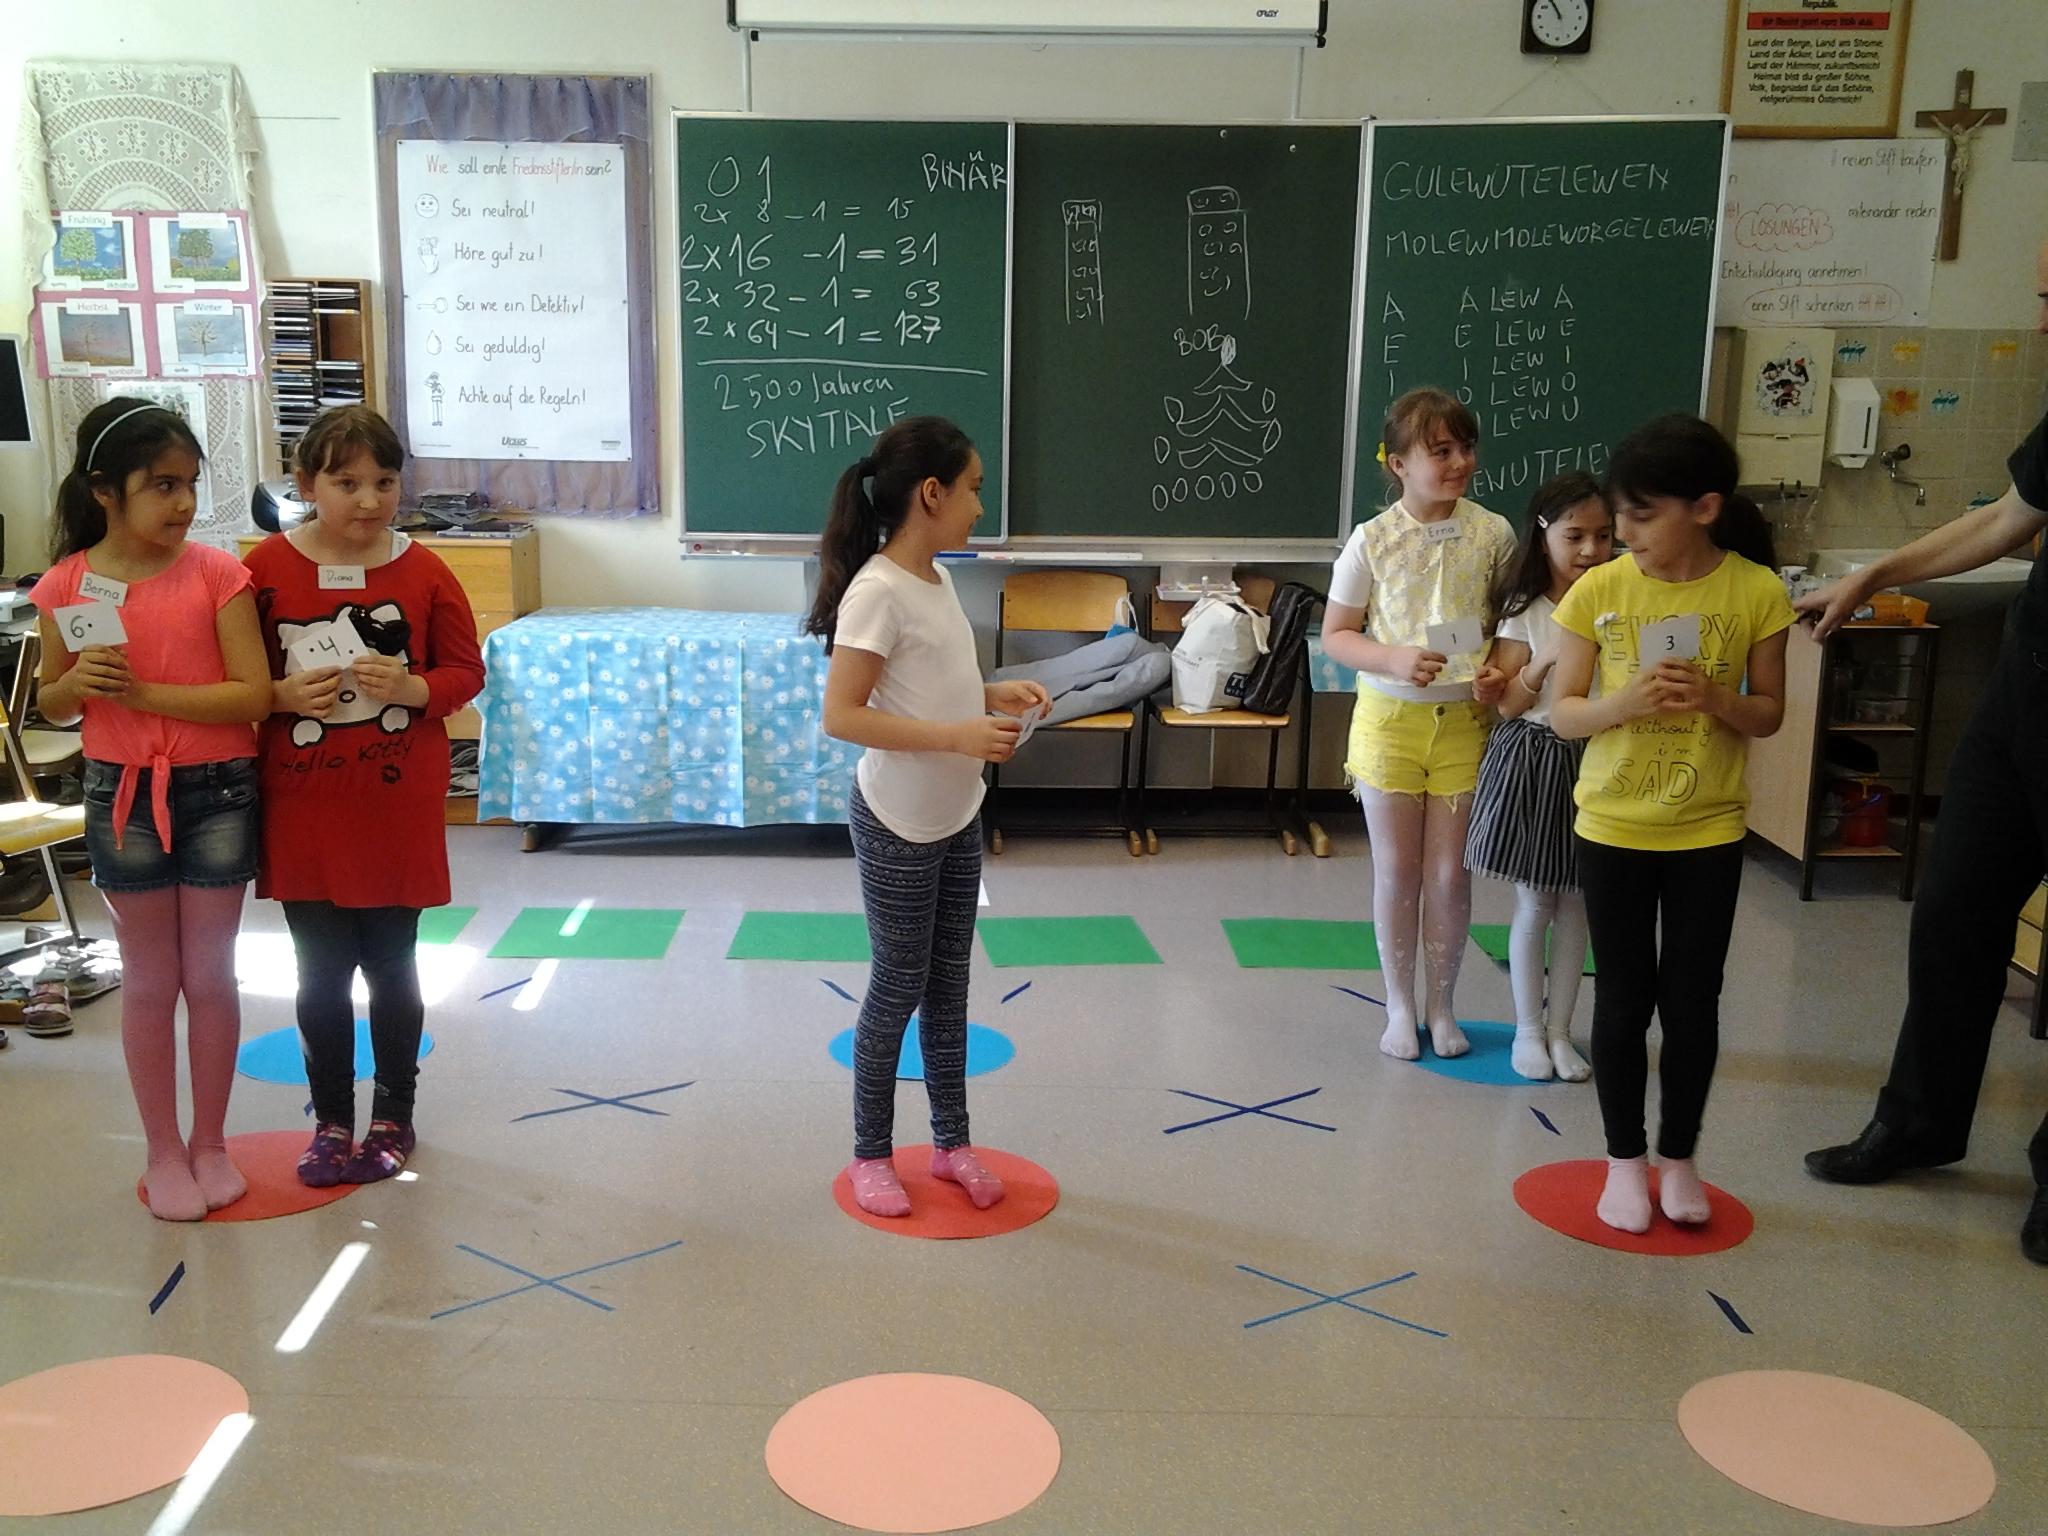 Kinder in Klassenzimmer bei WIZIK Workshop